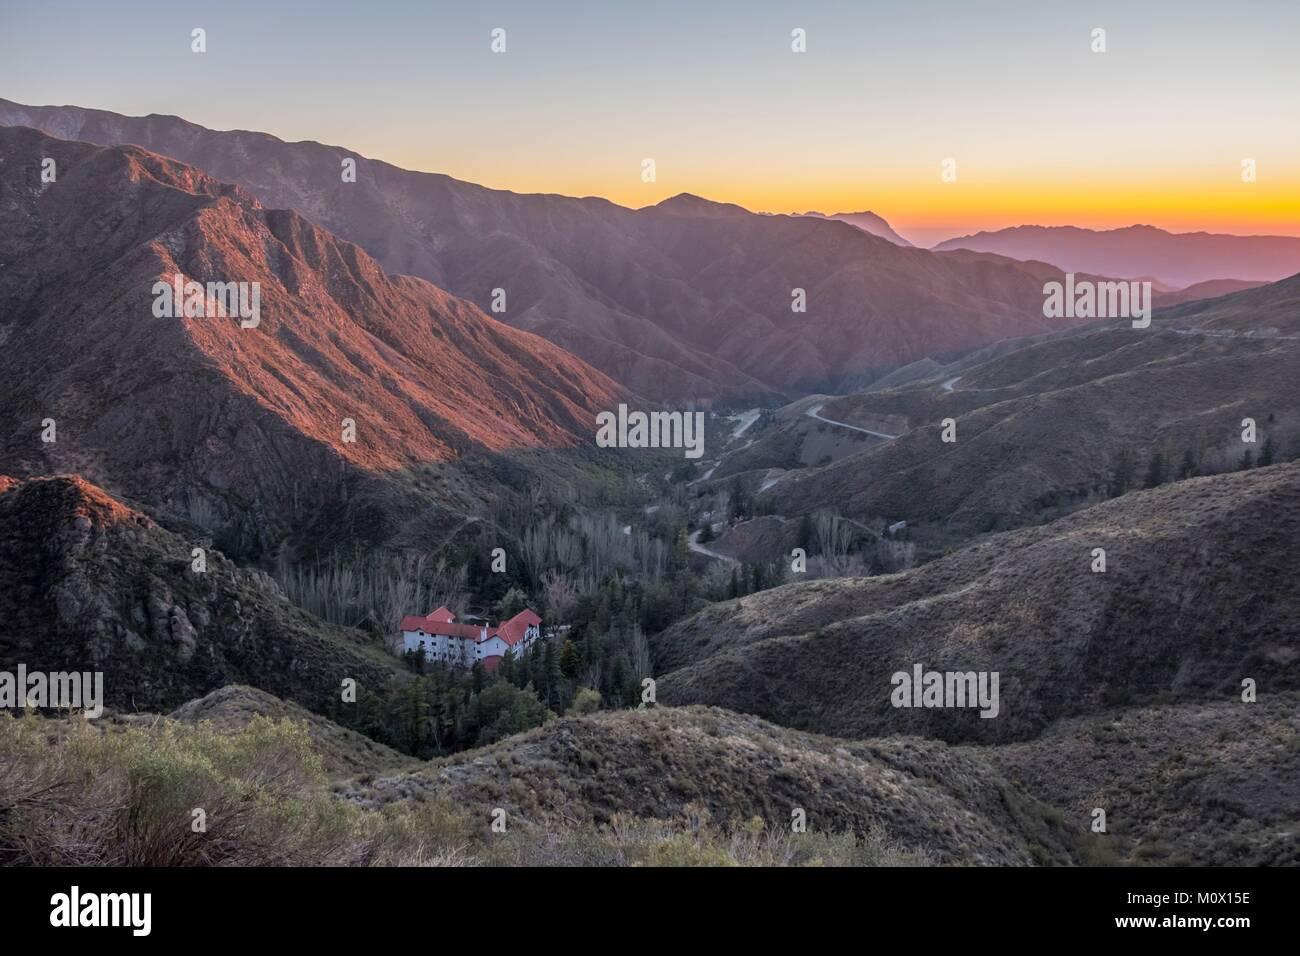 Argentina,Provincia de Mendoza,Villavicencio,Road hacia la Reserva Natural Villavicencio Imagen De Stock